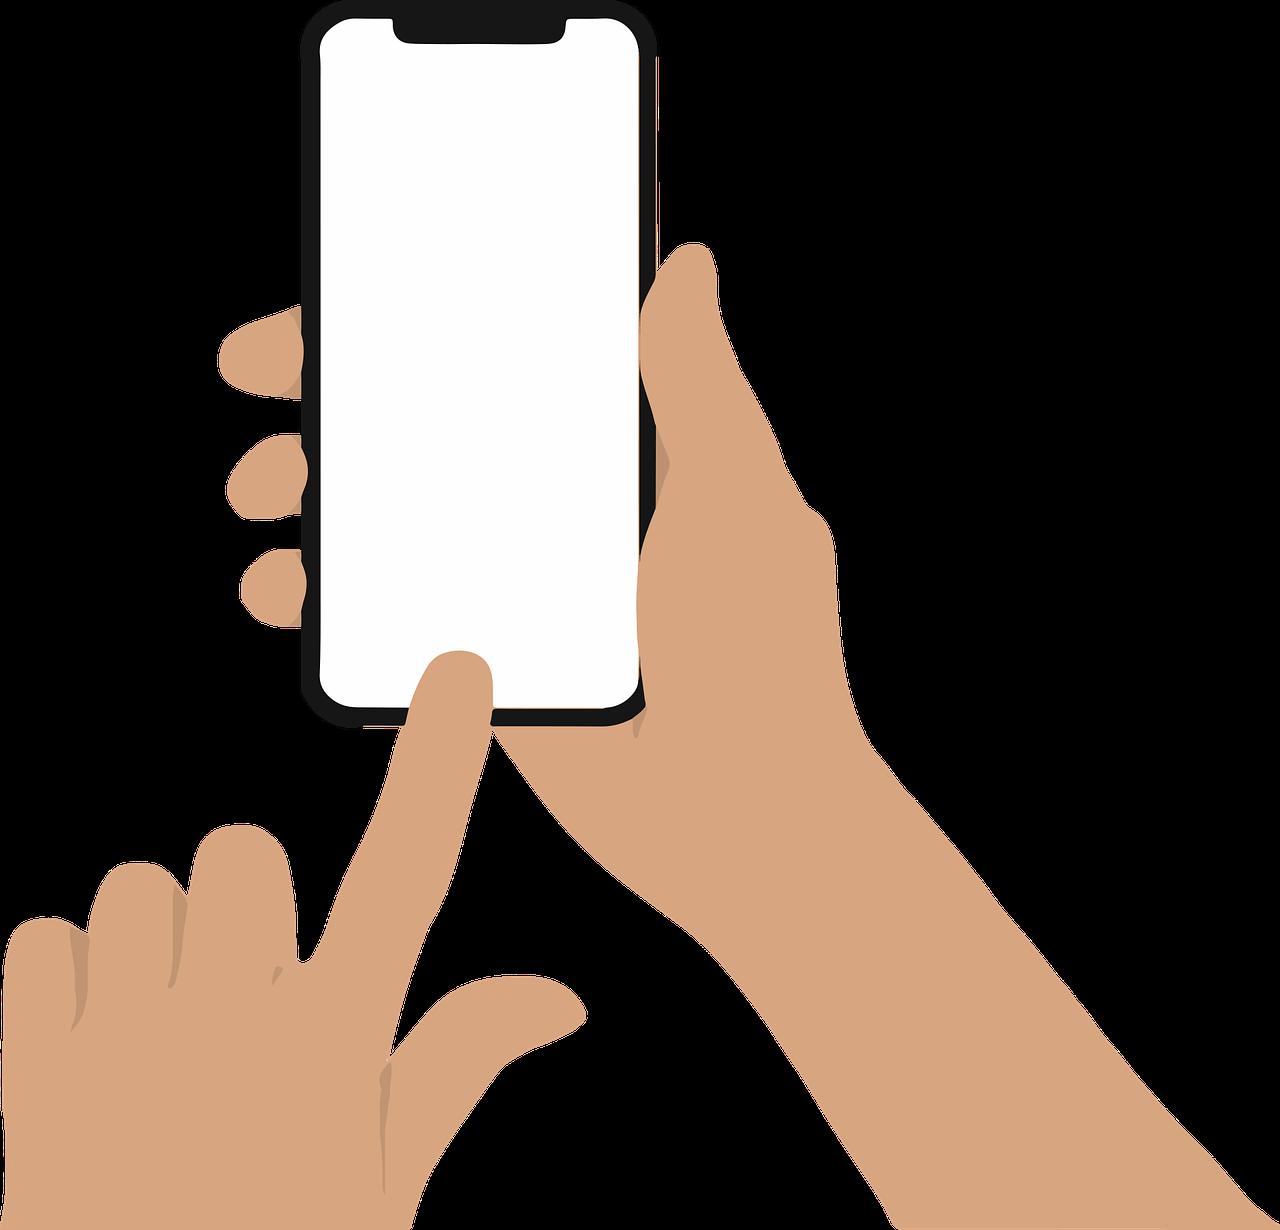 Mobiel telefoon abonnement vergelijken